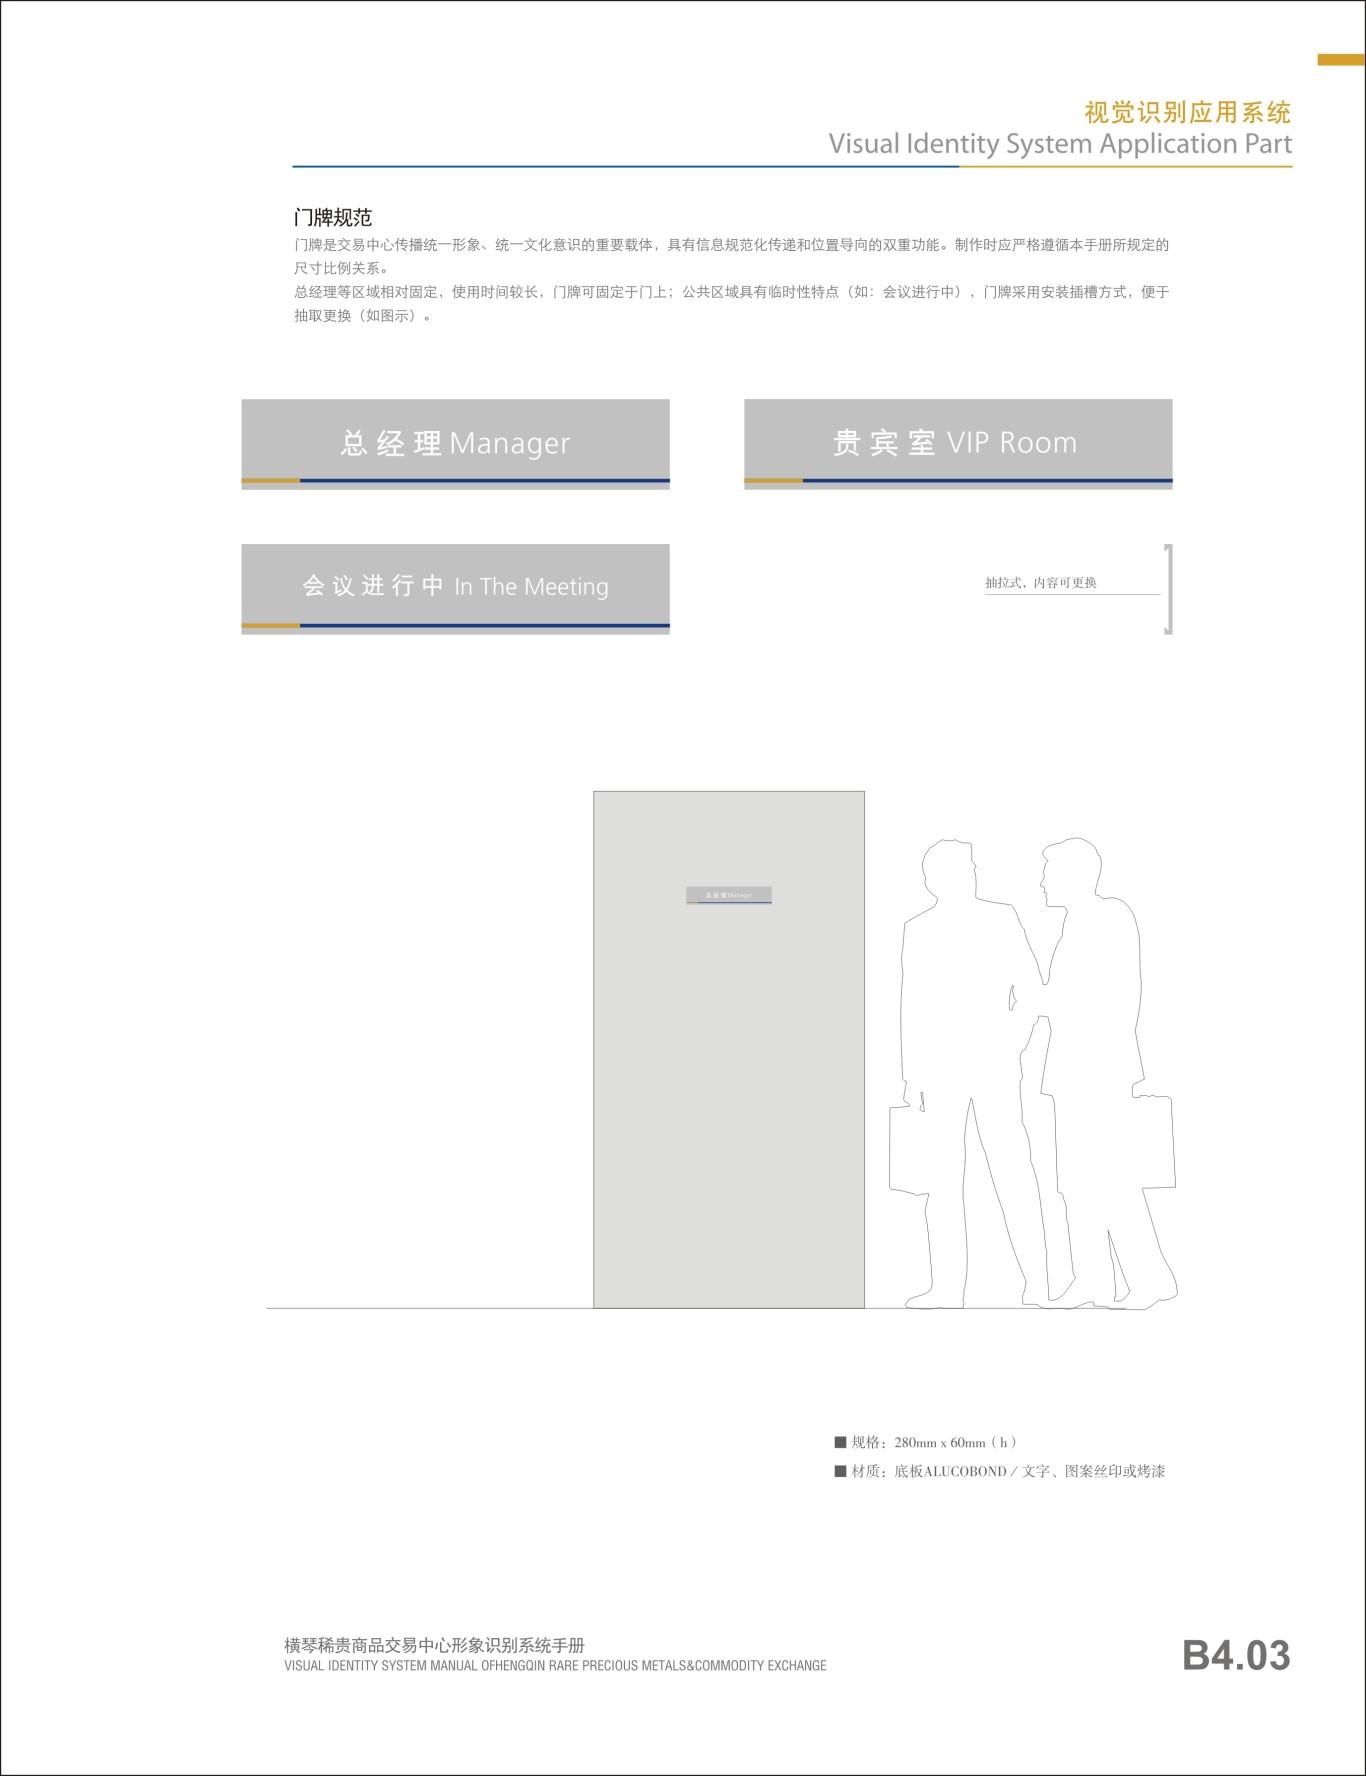 贵金属行业横琴稀贵VI手册设计图26